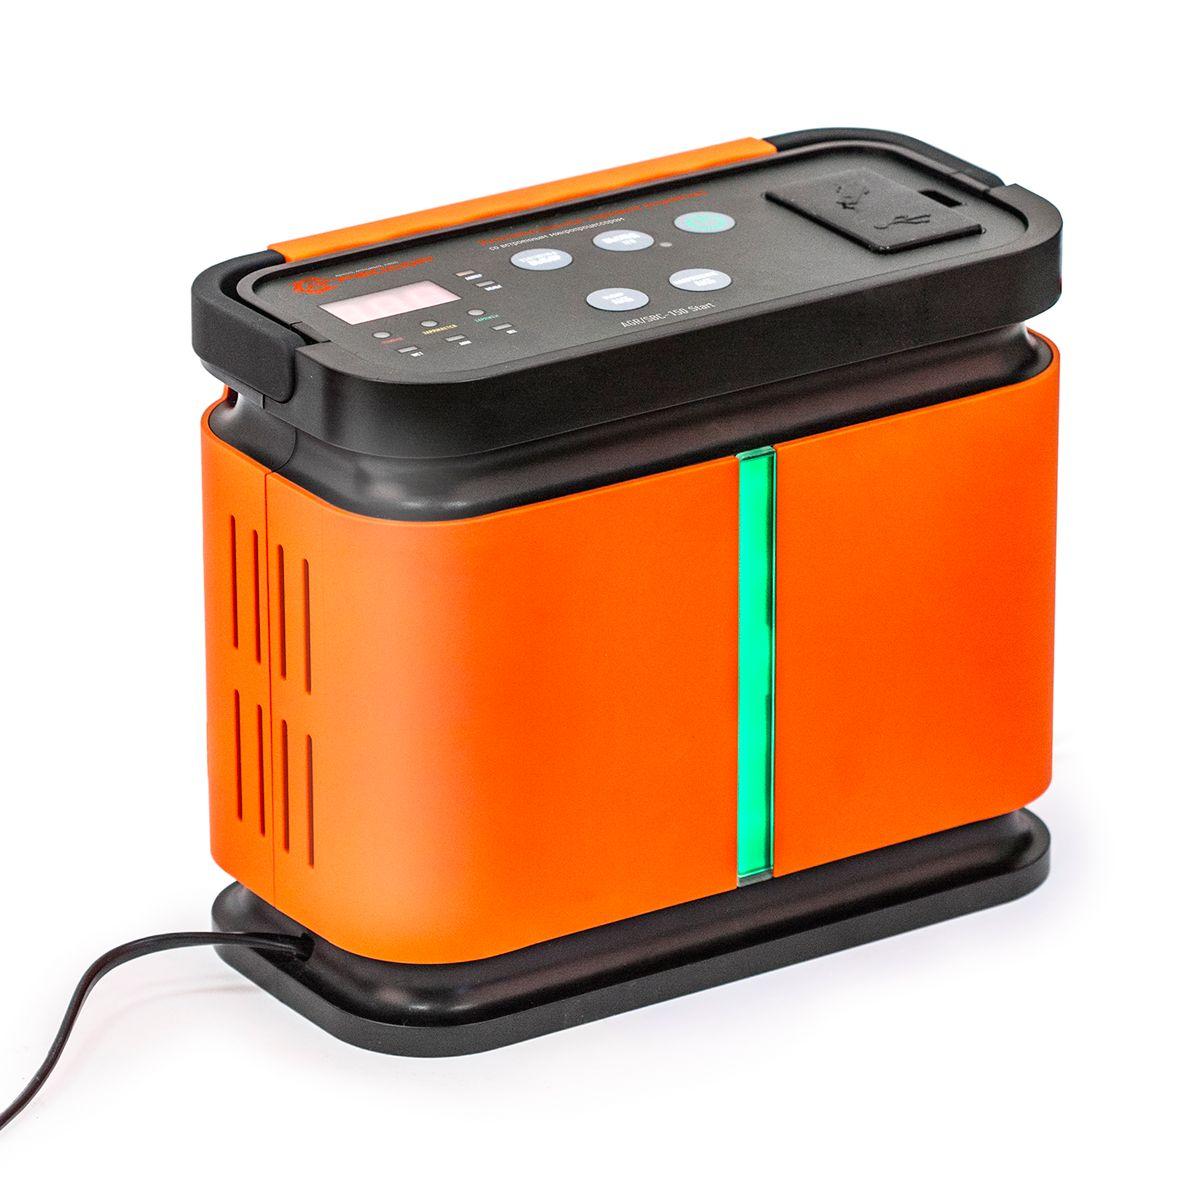 Устройство зарядное цифровое Autoprofi Агрессор AGR/SBC-150, 9 фаз зарядки, ток 2/6/10/15 АR0003907Зарядное устройство Autoprofi Агрессор AGR/SBC-150 компактно и эргономично: все провода помещаются в специальных нишах, ручка складывается, размеры позволяют без труда разместить его в автомобиле или гараже. Устройство подходит для зарядки всех типов свинцово-кислотных батарей напряжением 12В. Кроме того, оно заряжает электронные устройства (смартфоны, телефоны, фотоаппараты, плееры и пр.) через встроенные USB-порт или сеть 12В.Устройство имеет усовершенствованную 9-ступенчатую систему зарядки и встроенный микропроцессор. Это, соответственно, сокращает время зарядки, обеспечивает безопасность и защиту от ошибок. Функция 5-минутной зарядки позволяет устройству быстро передать на батарею заряд, необходимый для запуска двигателя.Есть возможность выбрать оптимальную силу тока, установив один из четырех режимов: 2/6/10/15 А. Для оптимальной зарядки аккумуляторной батареи, в устройстве предусмотрена возможность установить тип АКБ: WET (жидкостный электролит), AGM (абсорбированный электролит), GEL (гелевый электролит).